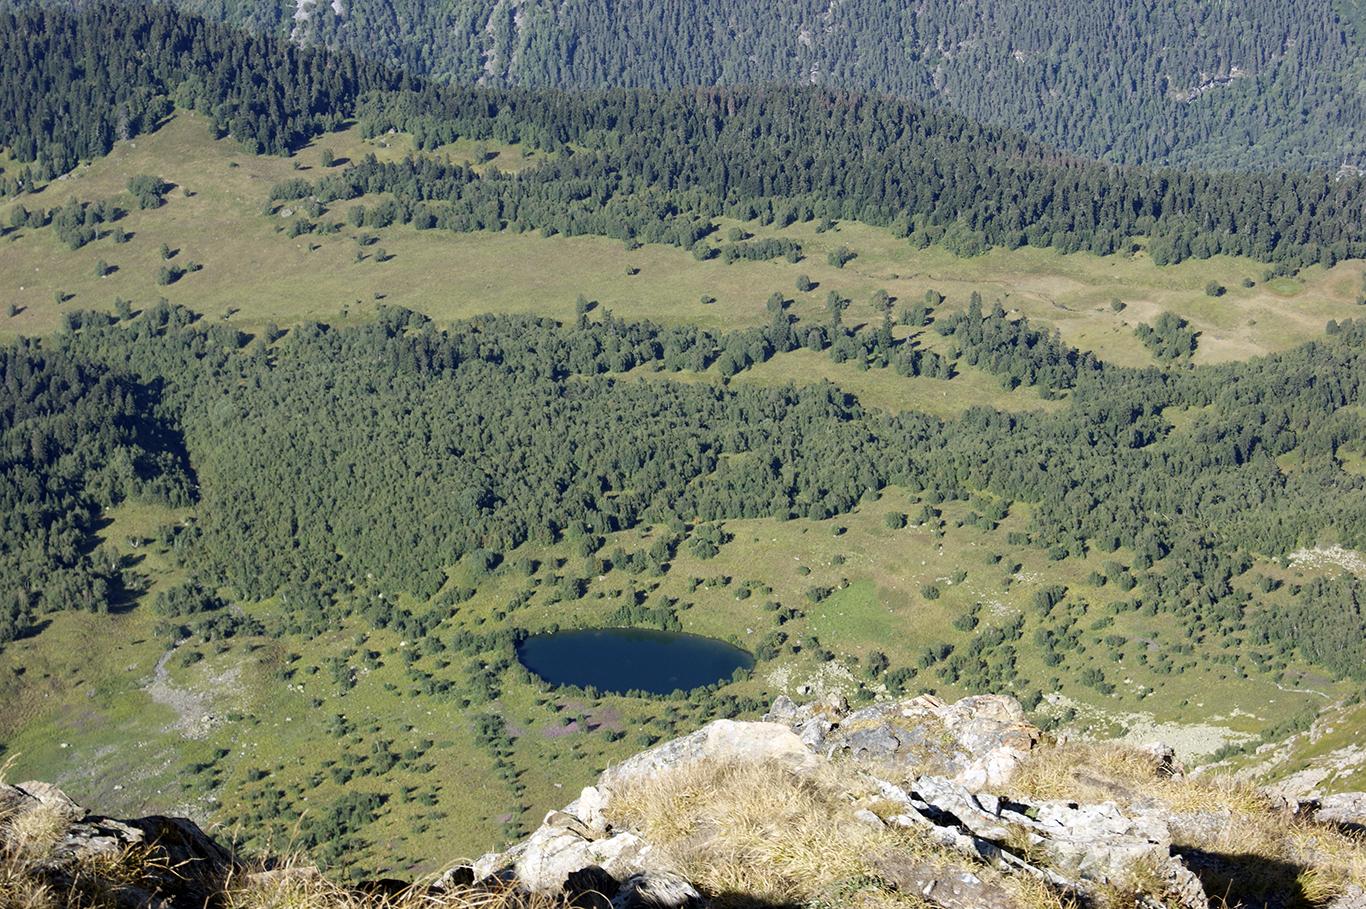 Кажется, что озеро близко. Но нет - мы над ним на высоте 2500 метров над уровнем моря.